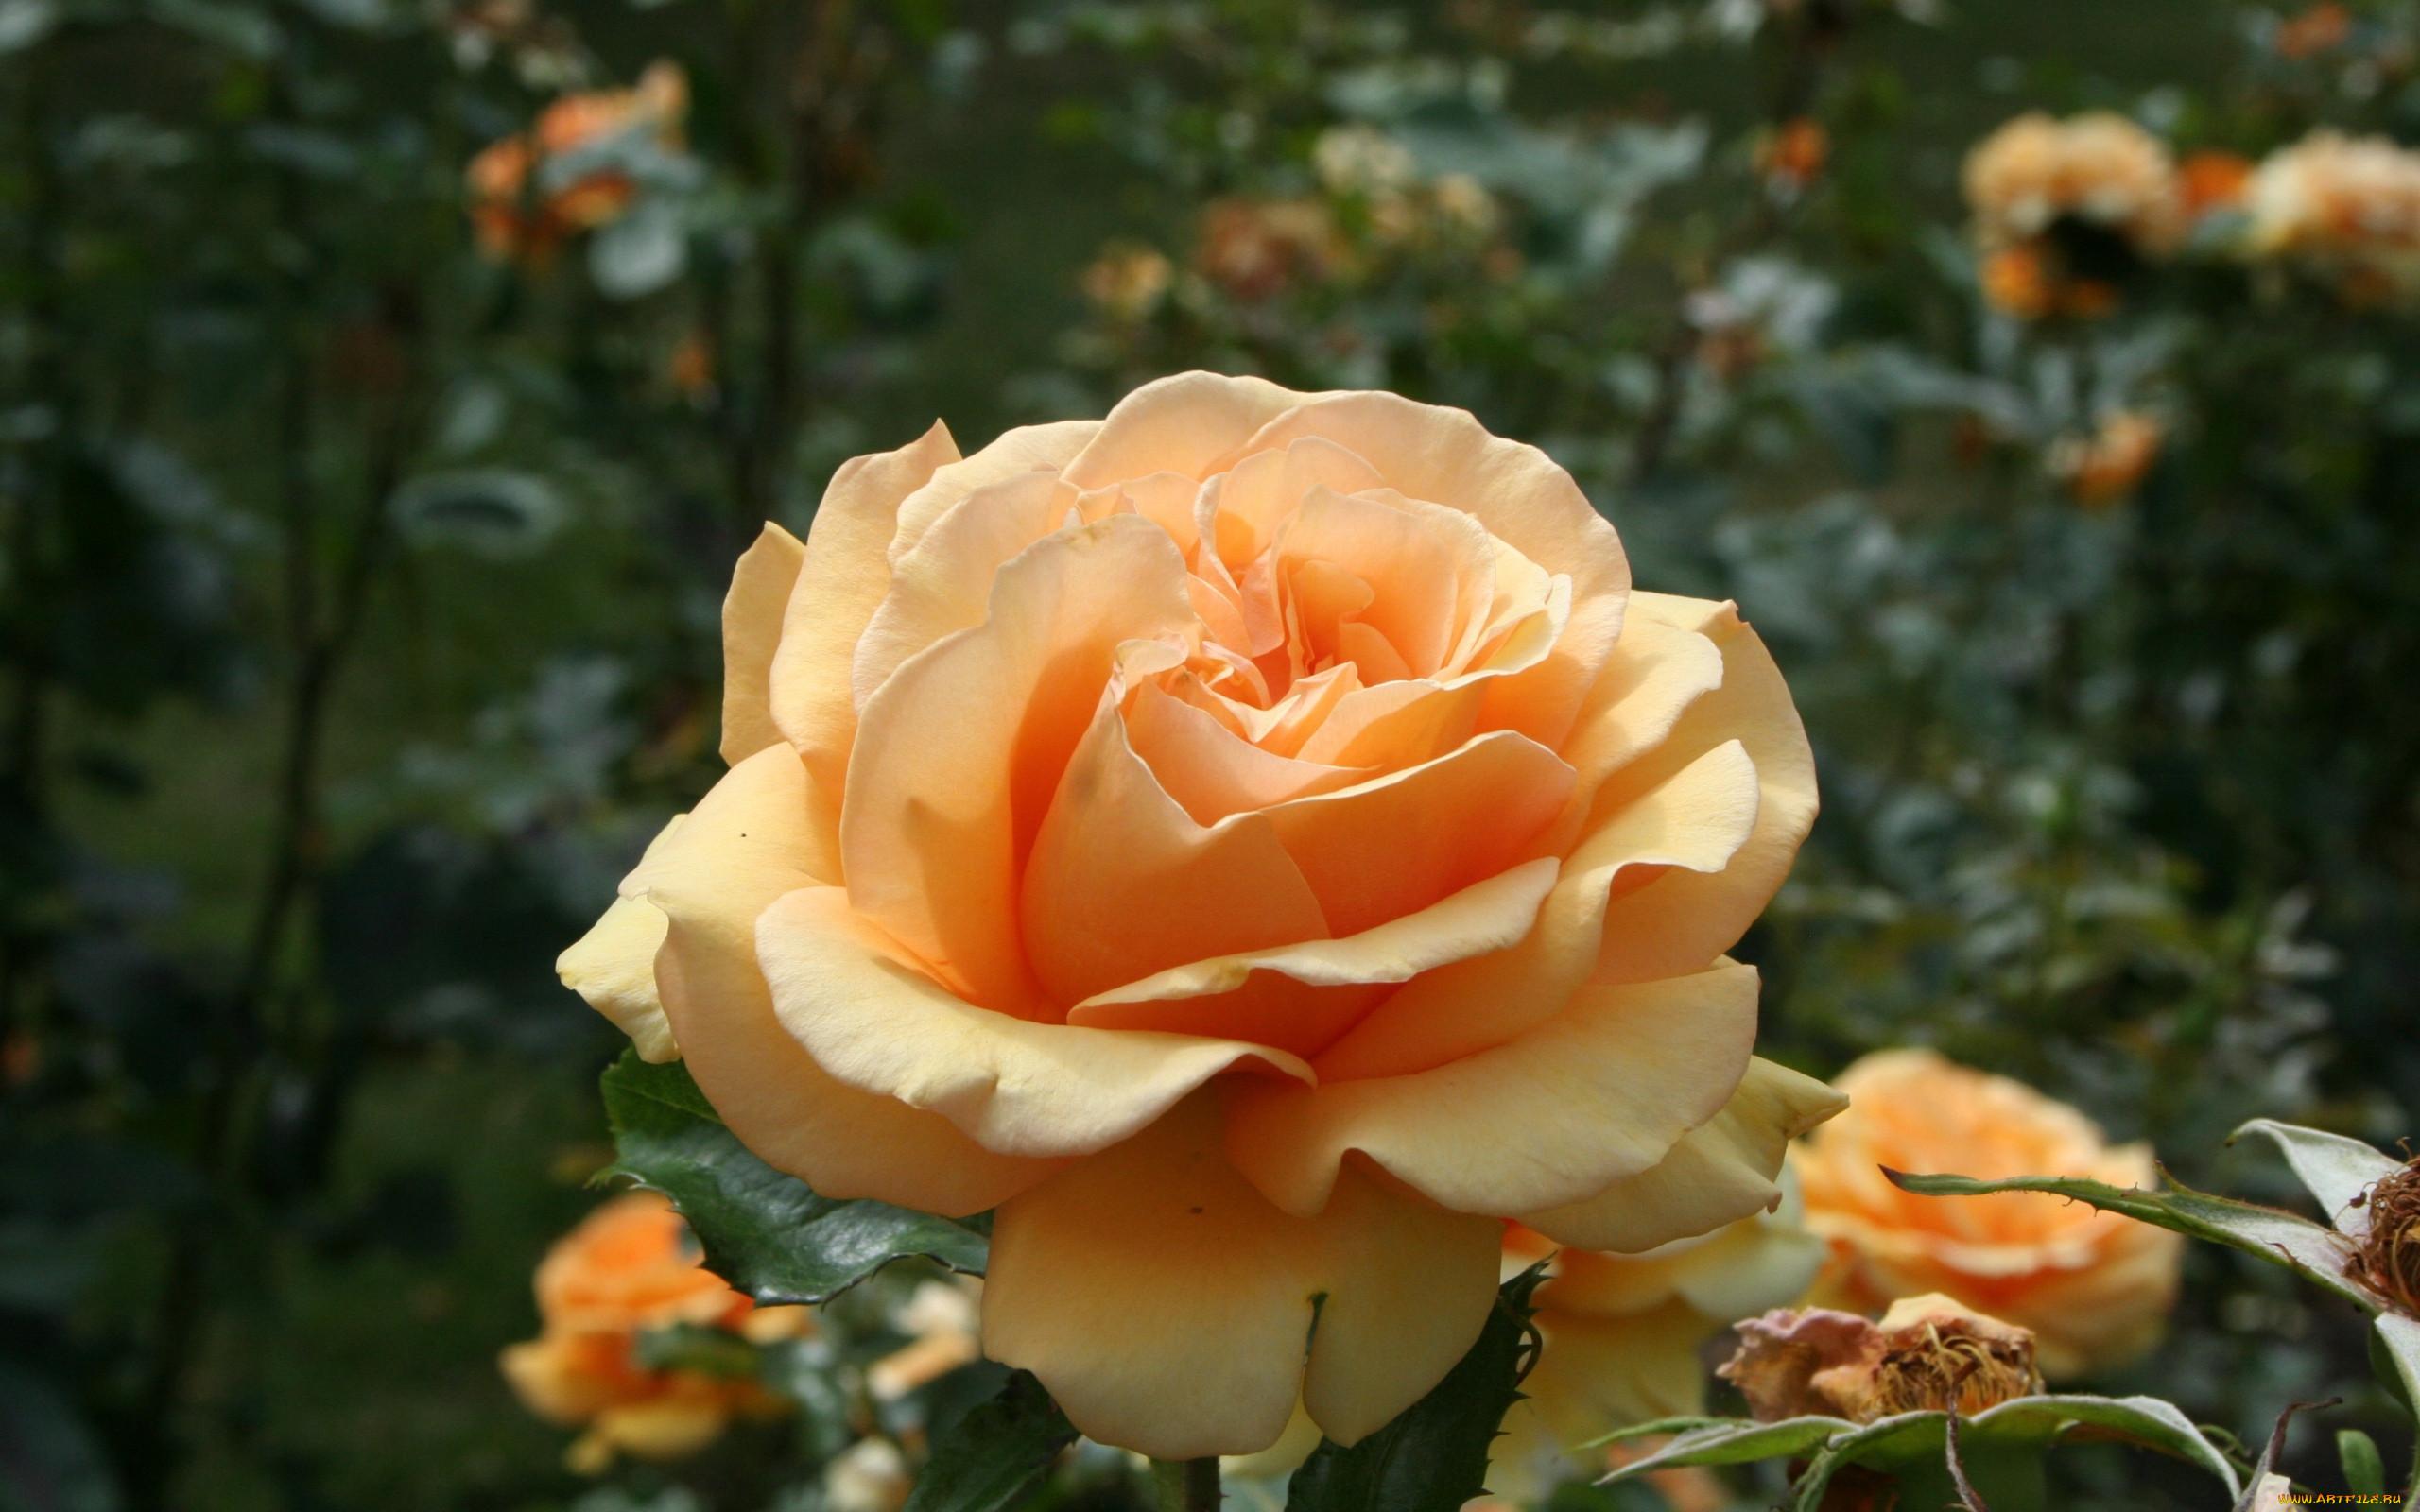 магическая фото чайных роз в хорошем качестве жёлтое пальто